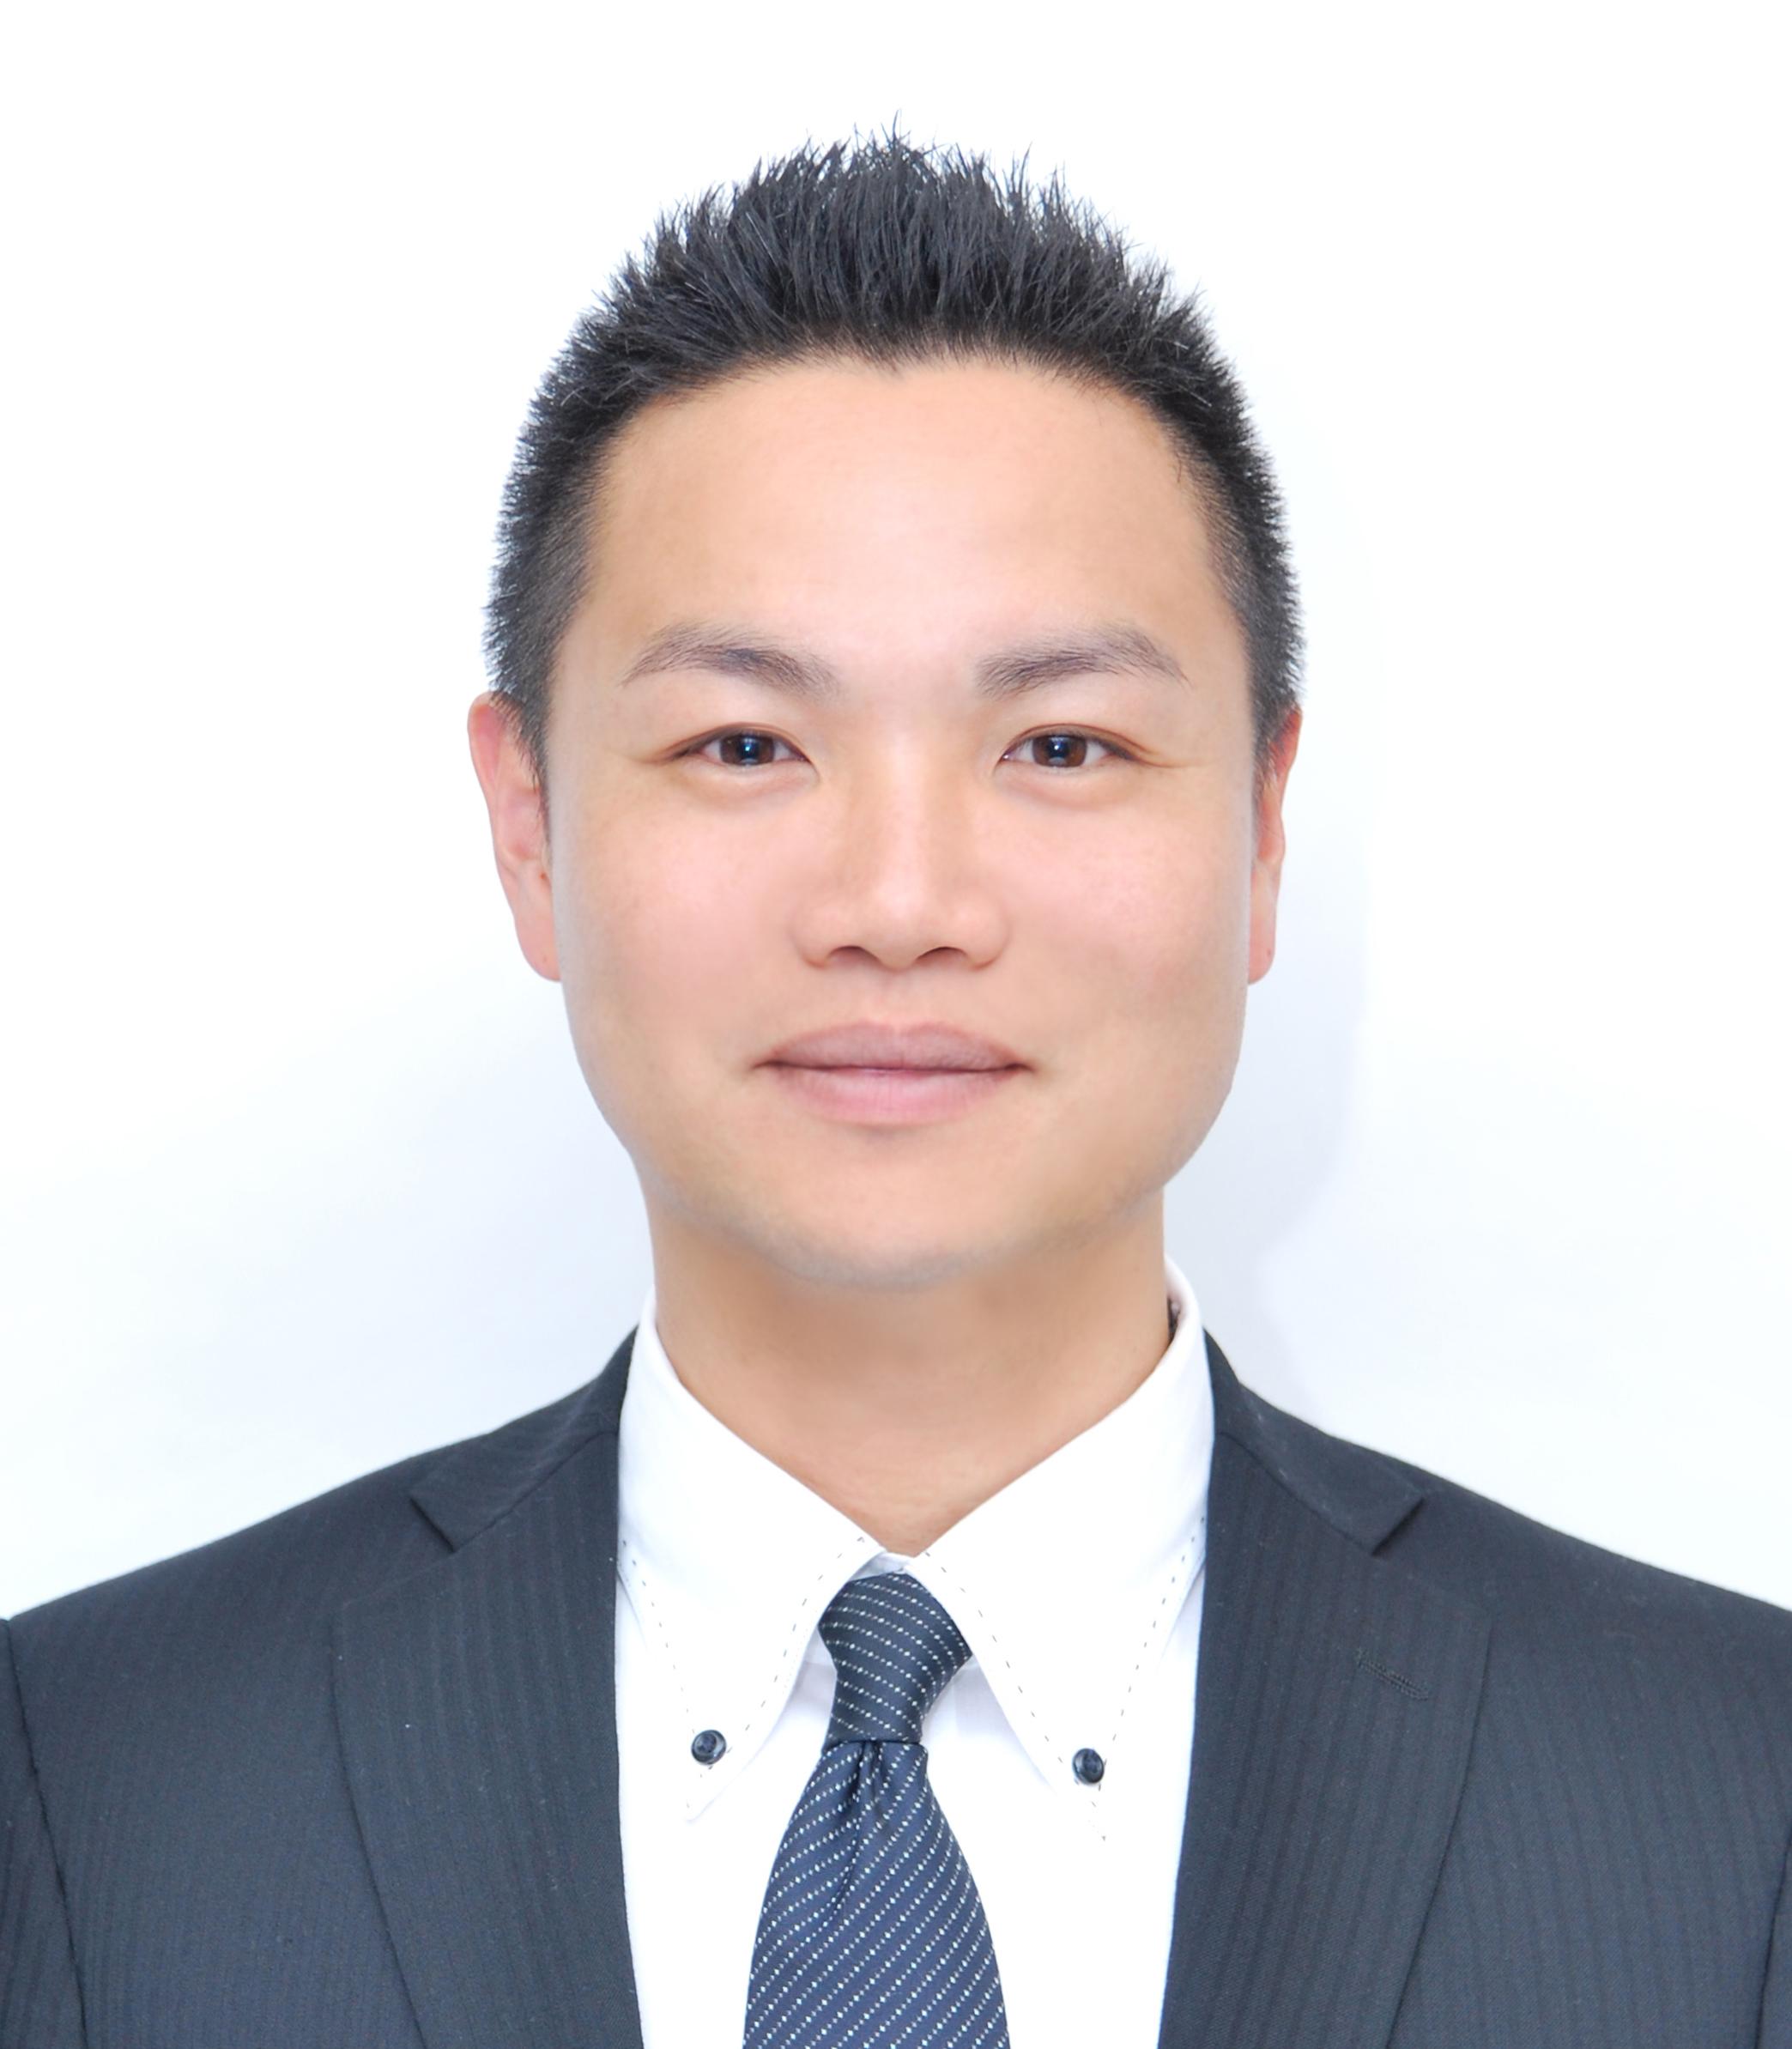 代表取締役社長 村木爲男